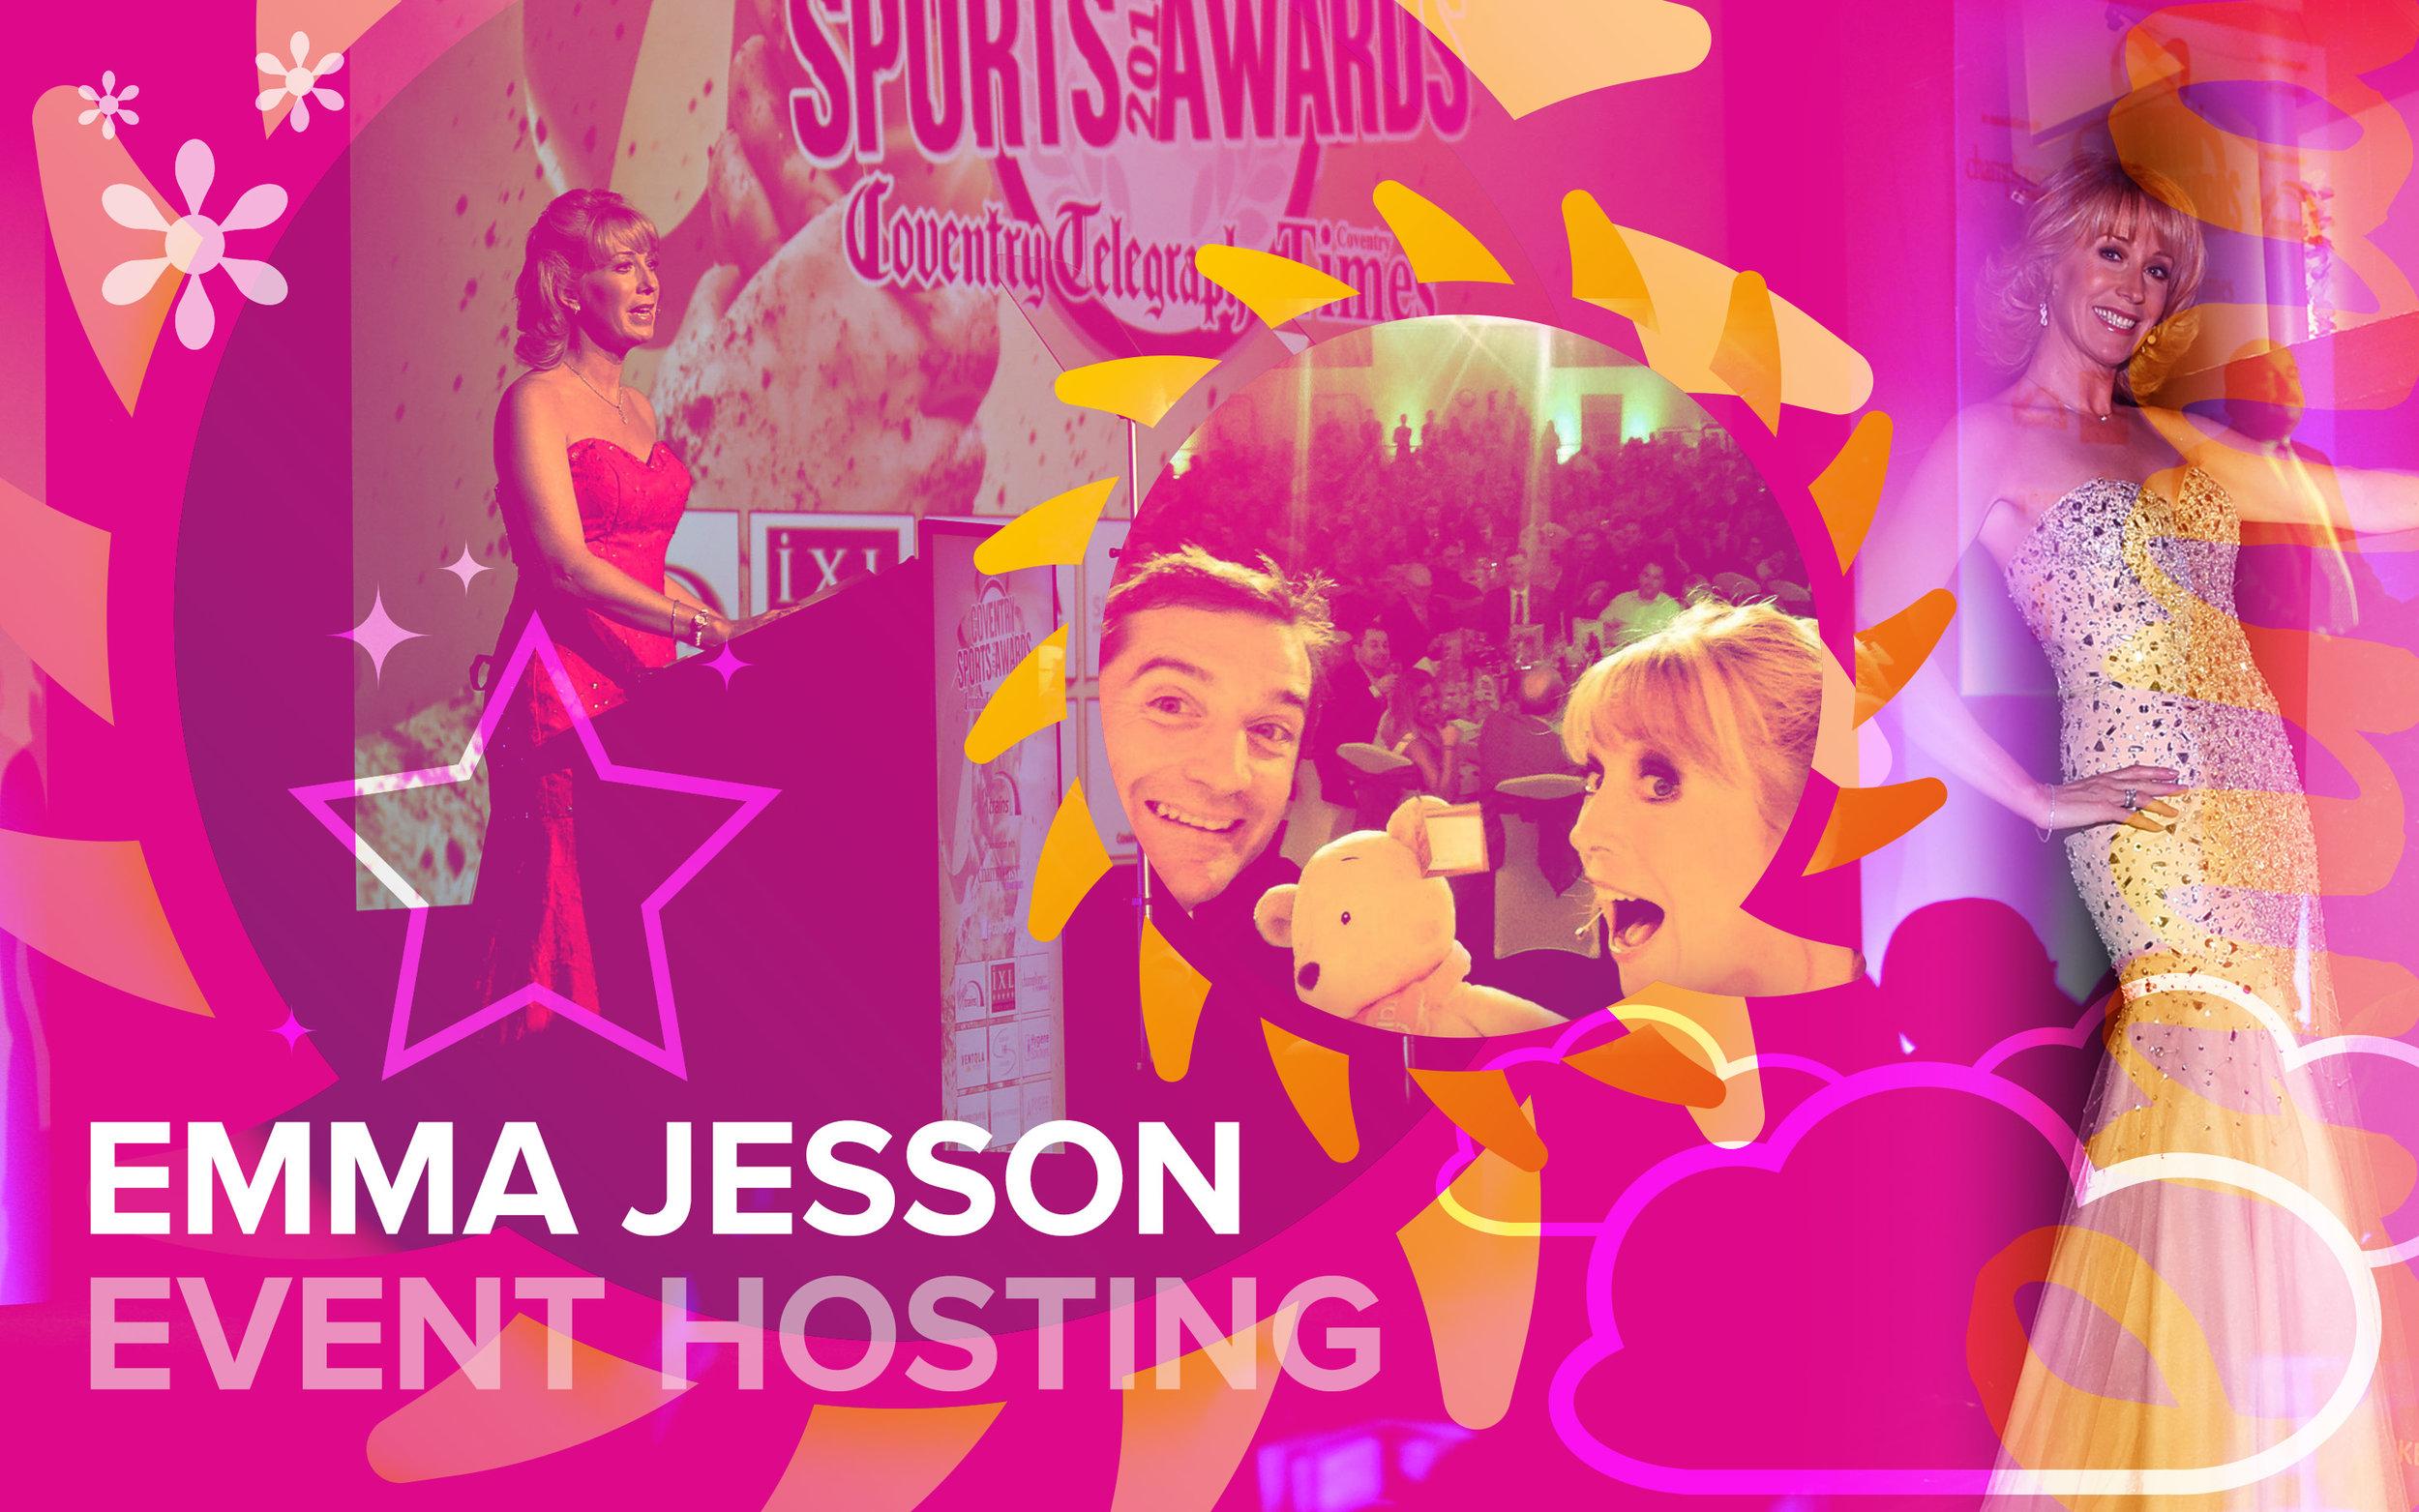 Emma Jesson Event Hosting